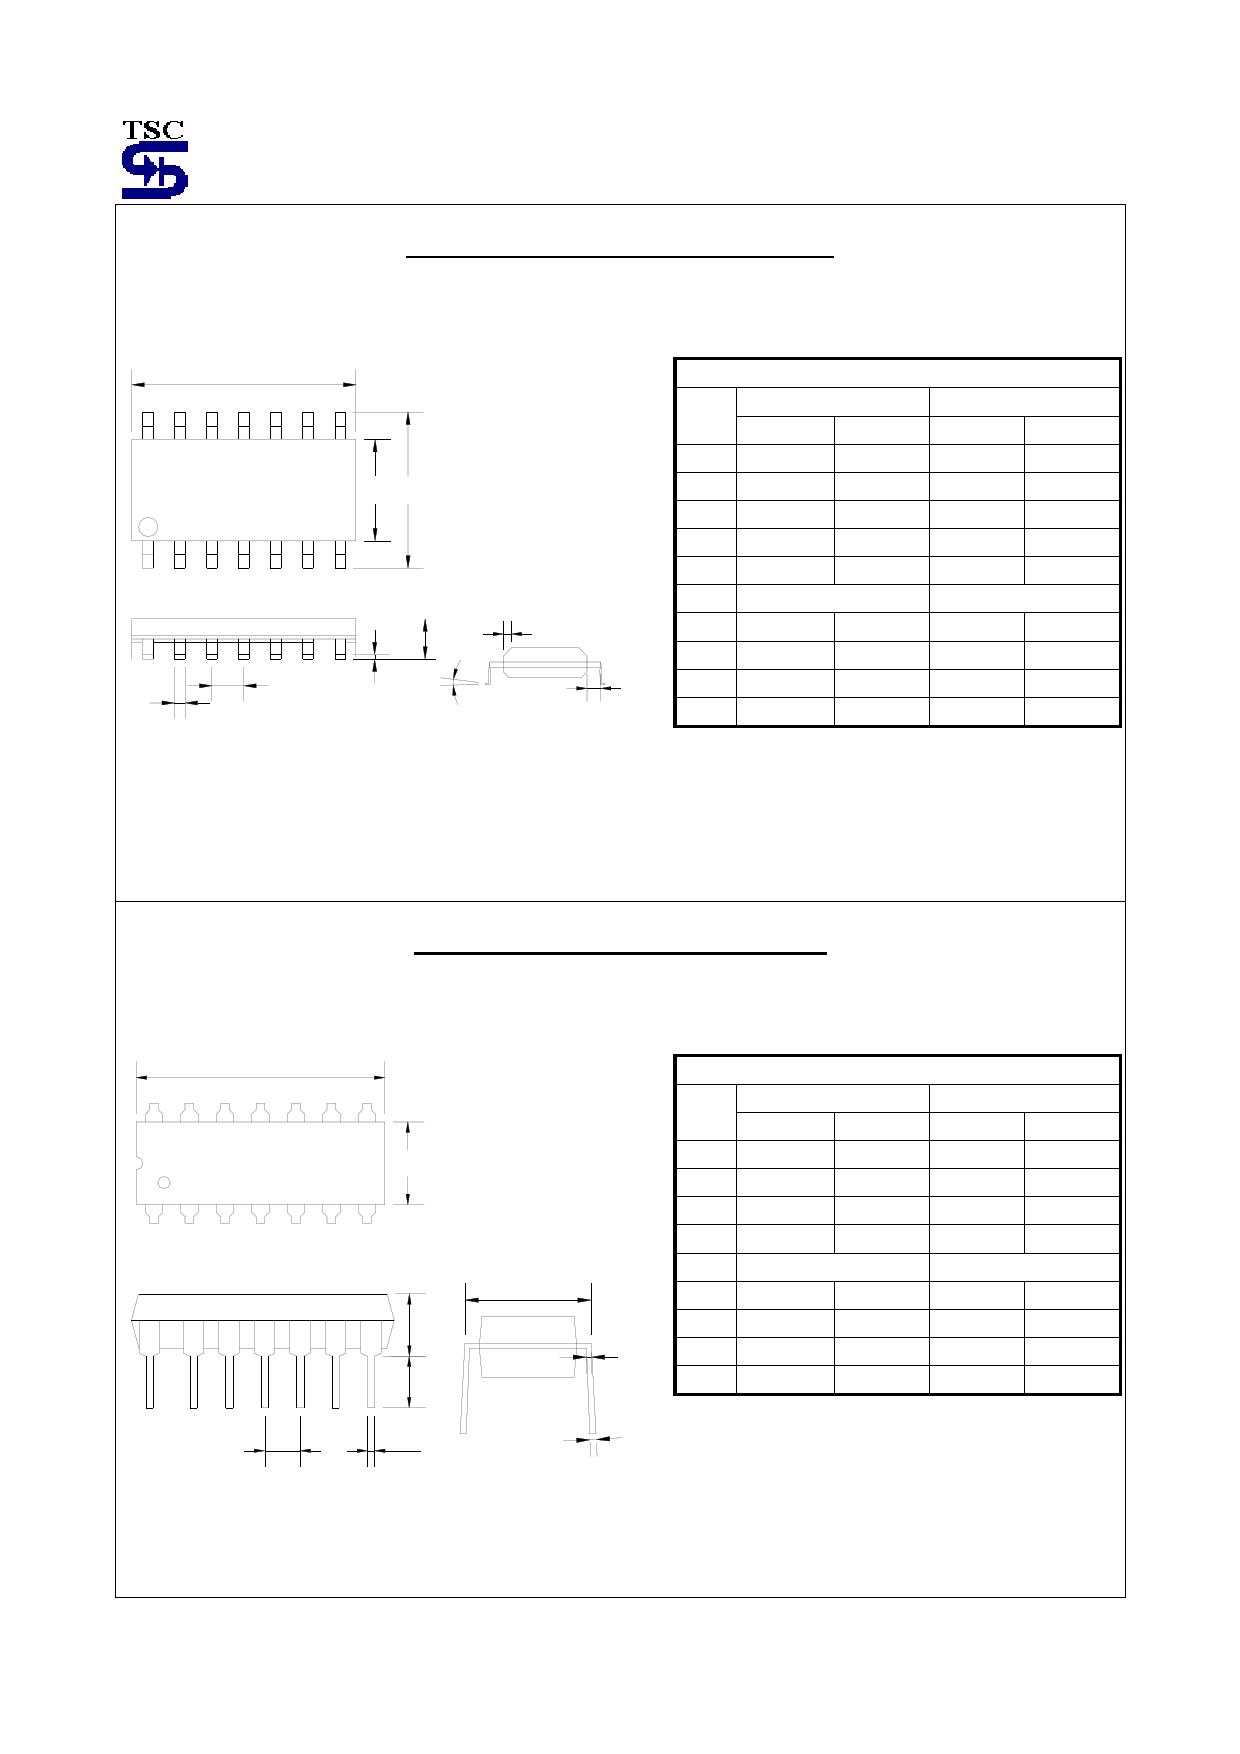 TS2902 電子部品, 半導体